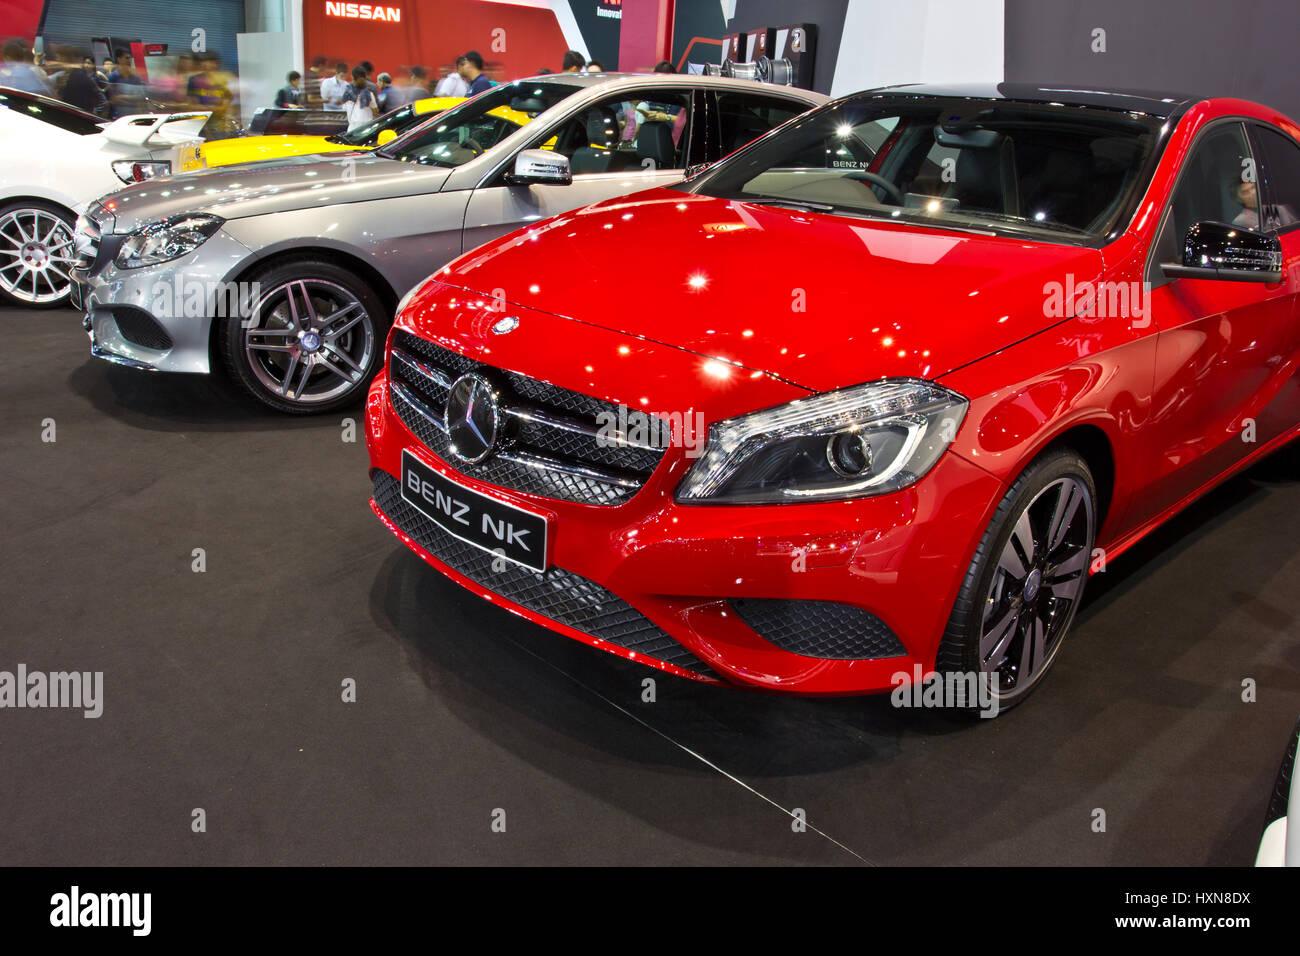 International Auto Salon Stockfotos & International Auto Salon ...